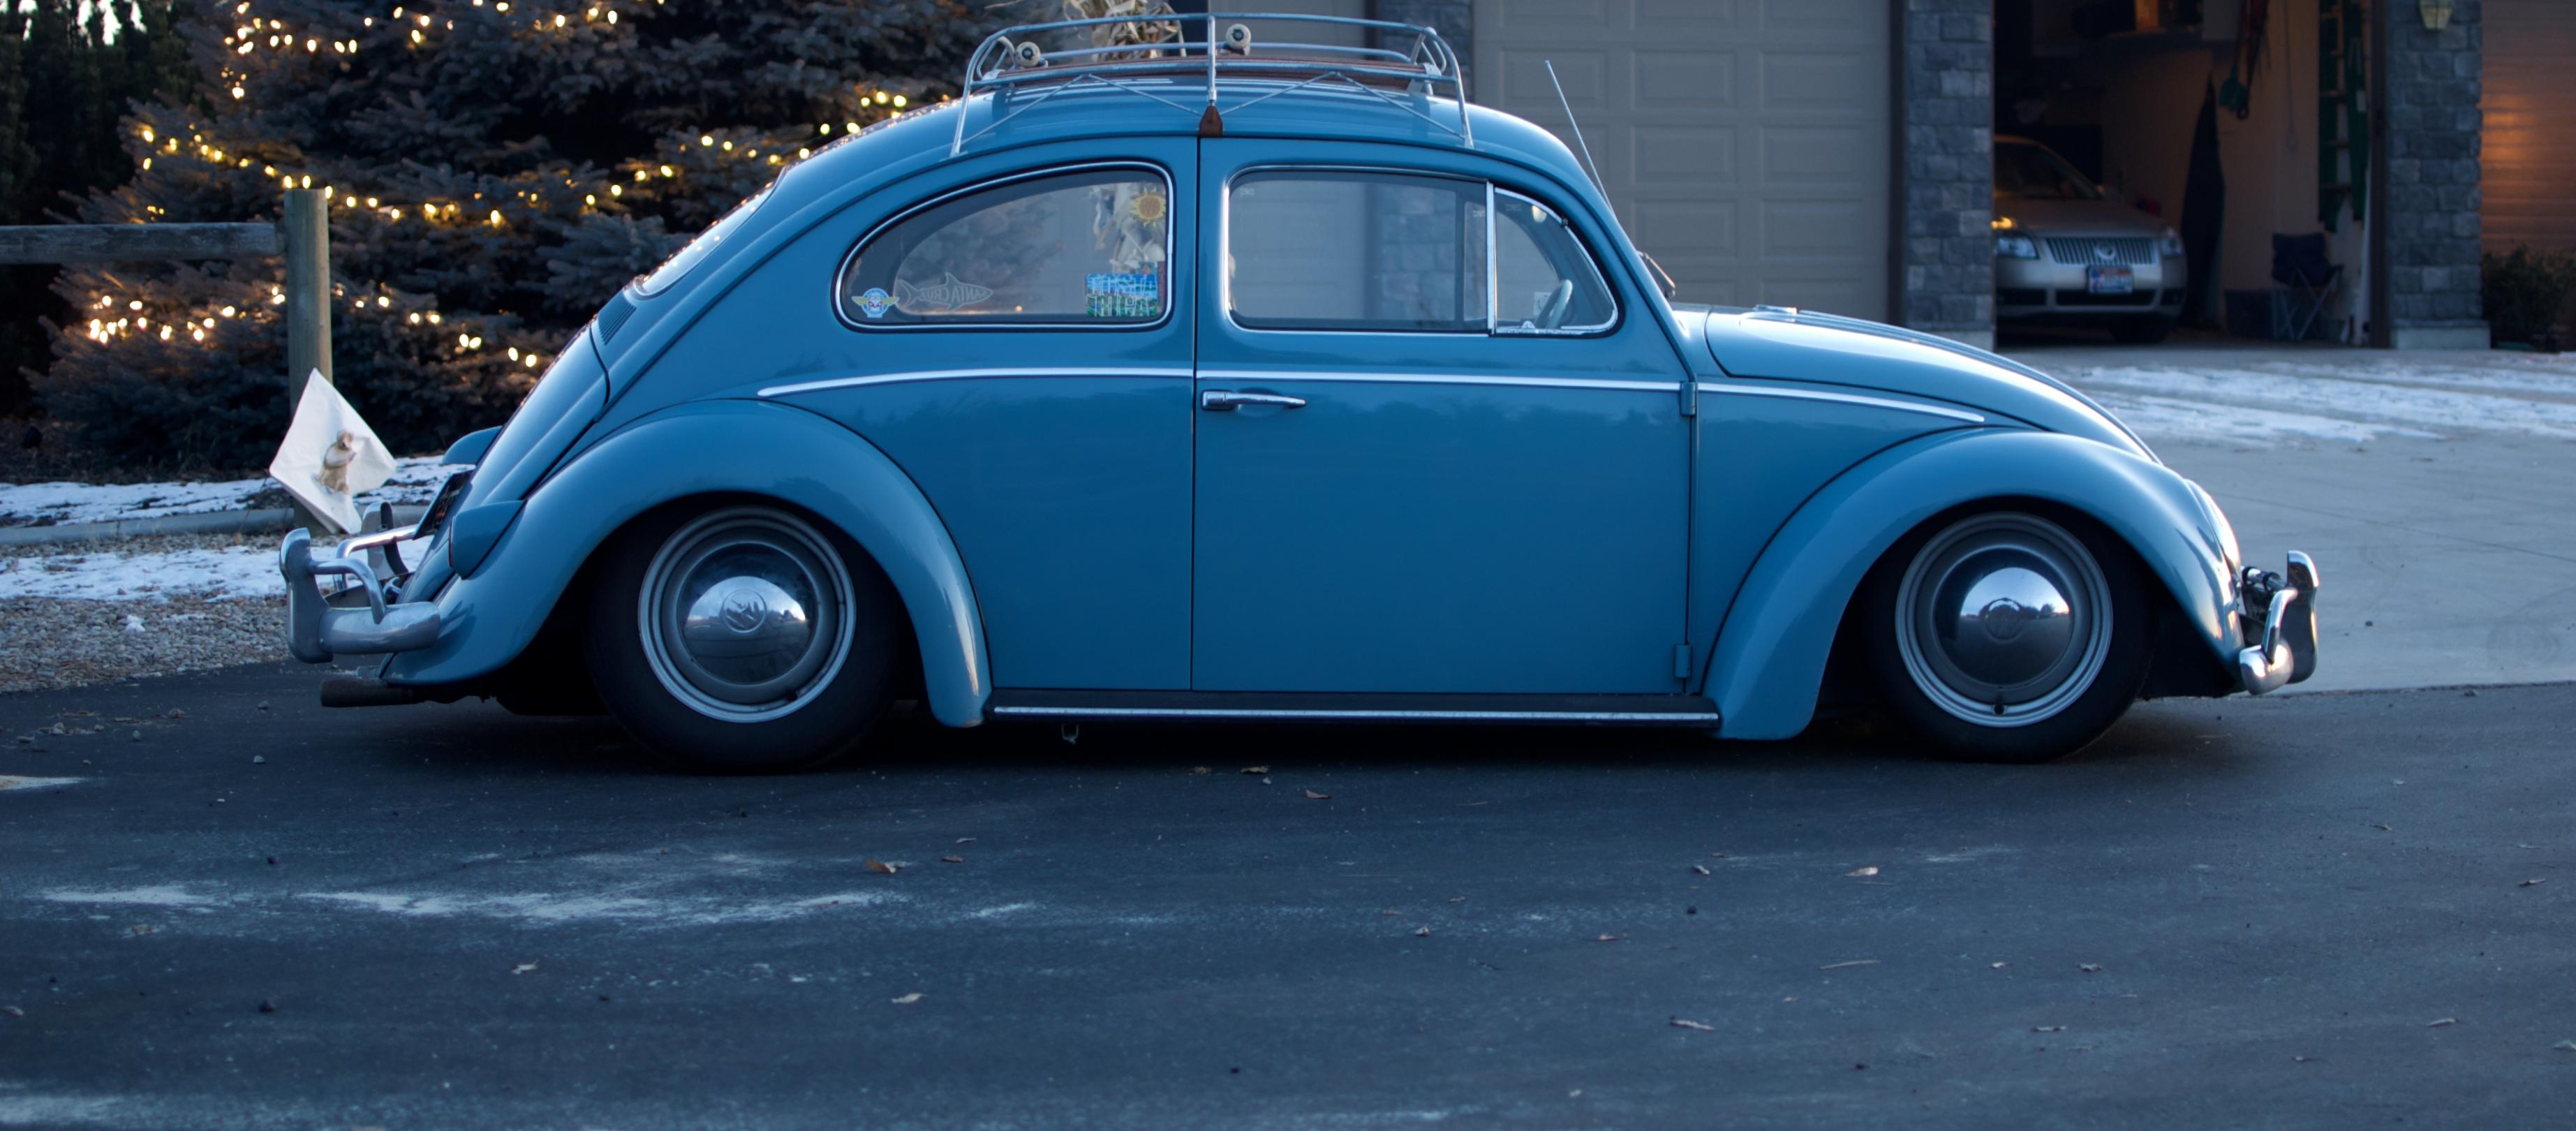 Photoshop help + teaser - VW